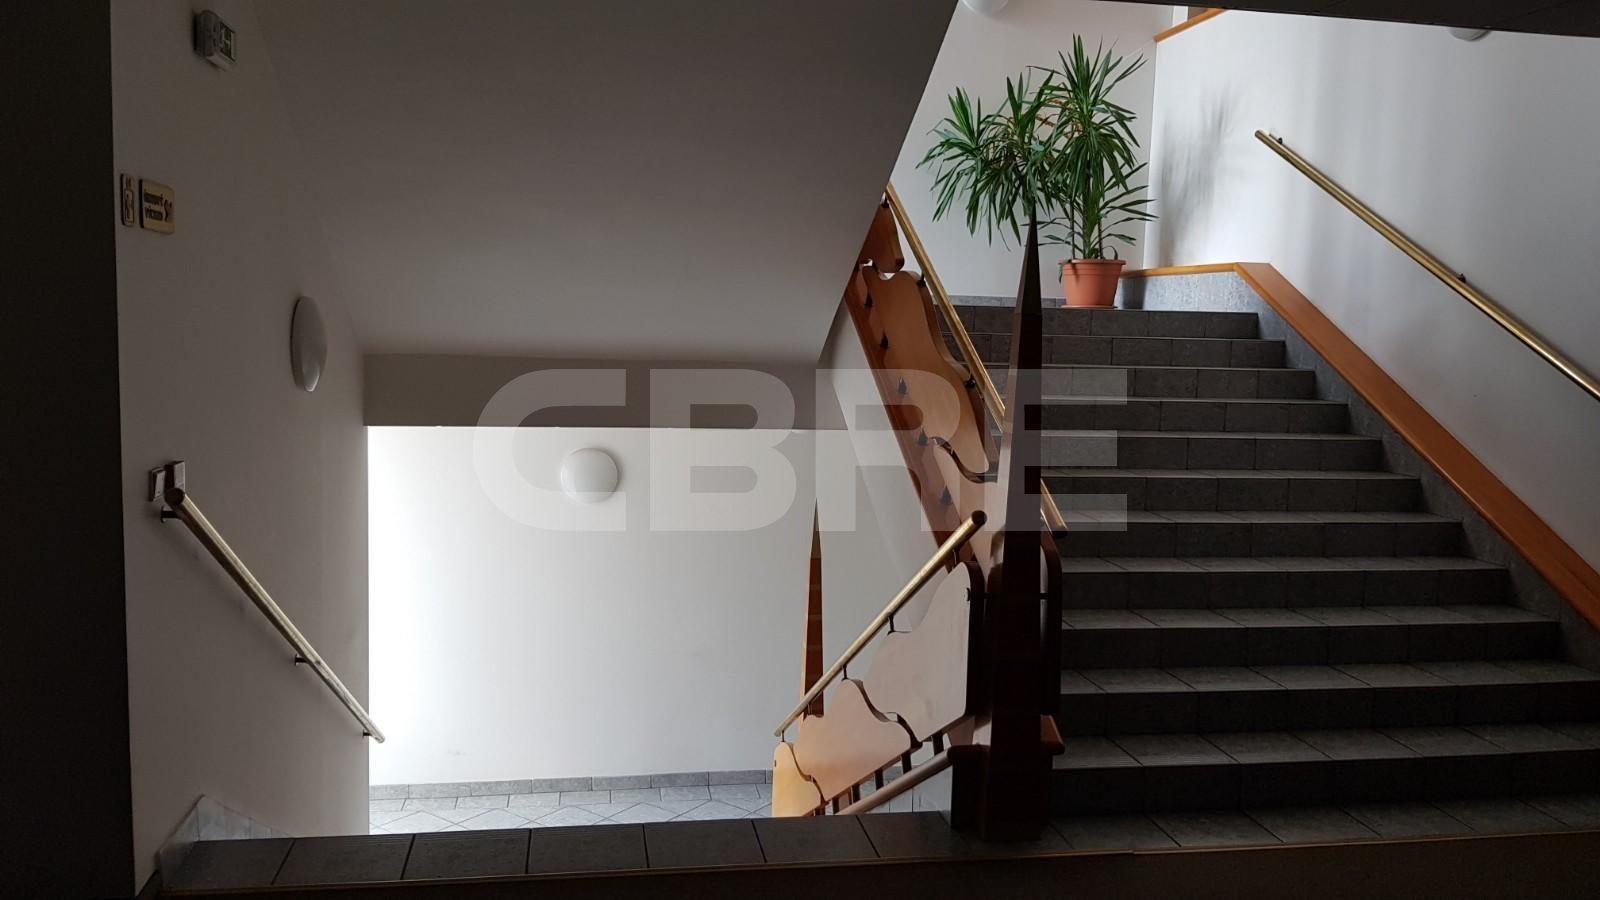 Administratívna budova Janka Kráľa, Banská Bystrica | Offices for rent by CBRE | 3